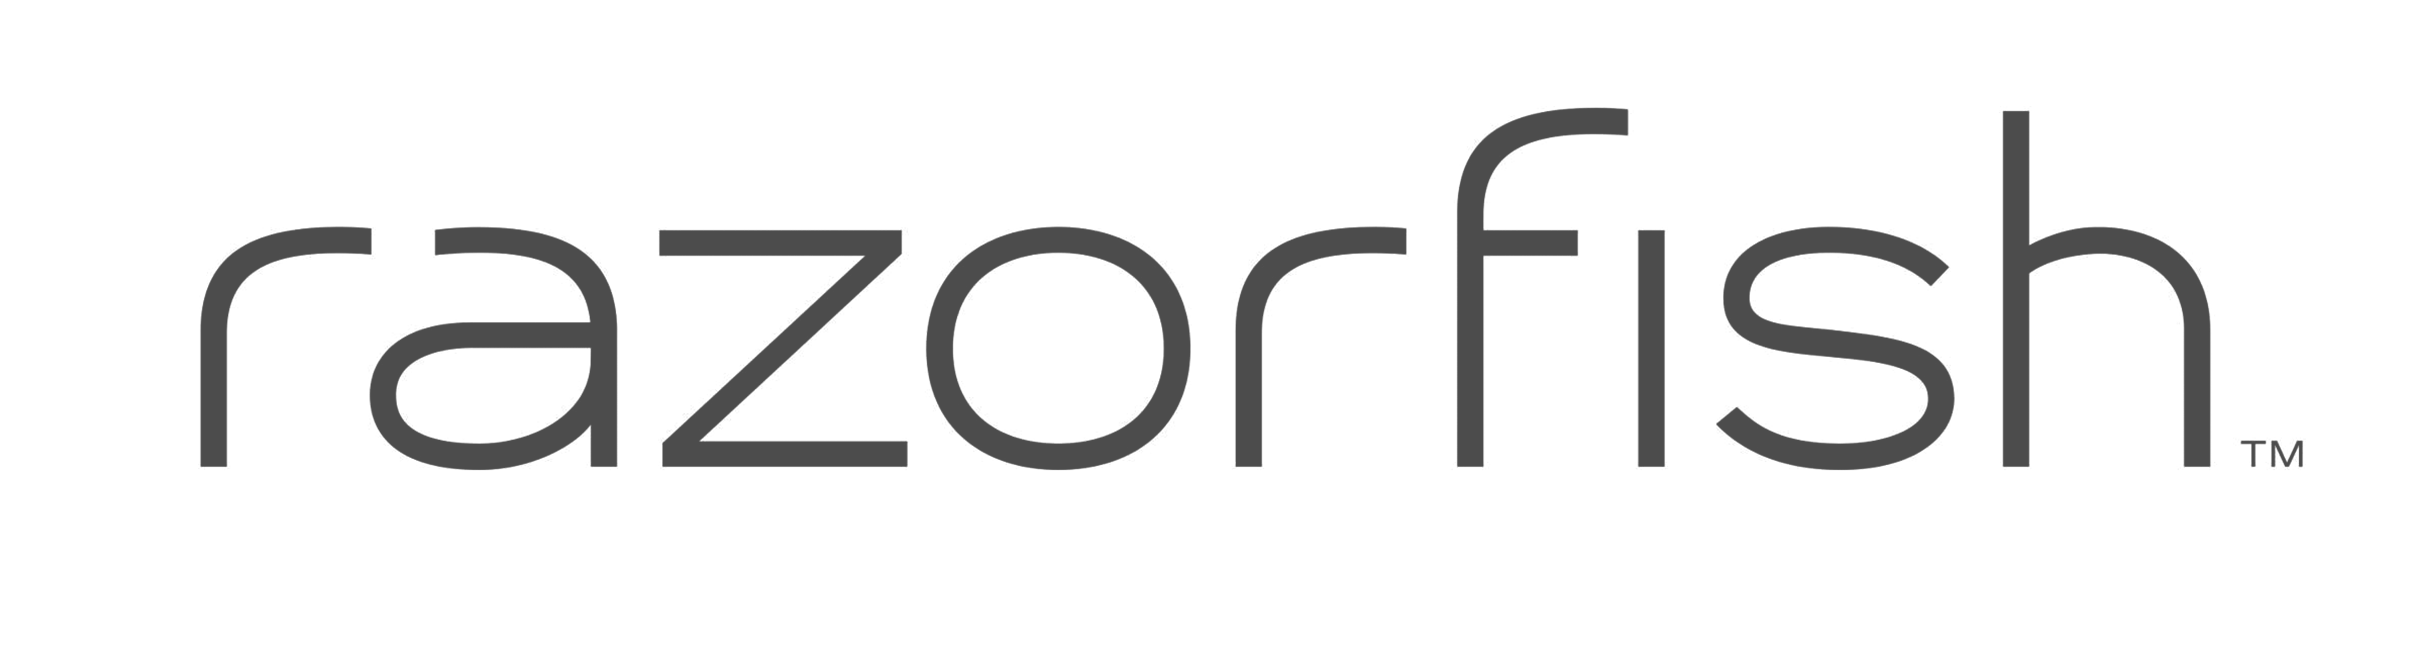 Logos Agencies 2019_09_08 beschnitten Razorfish 2414.png